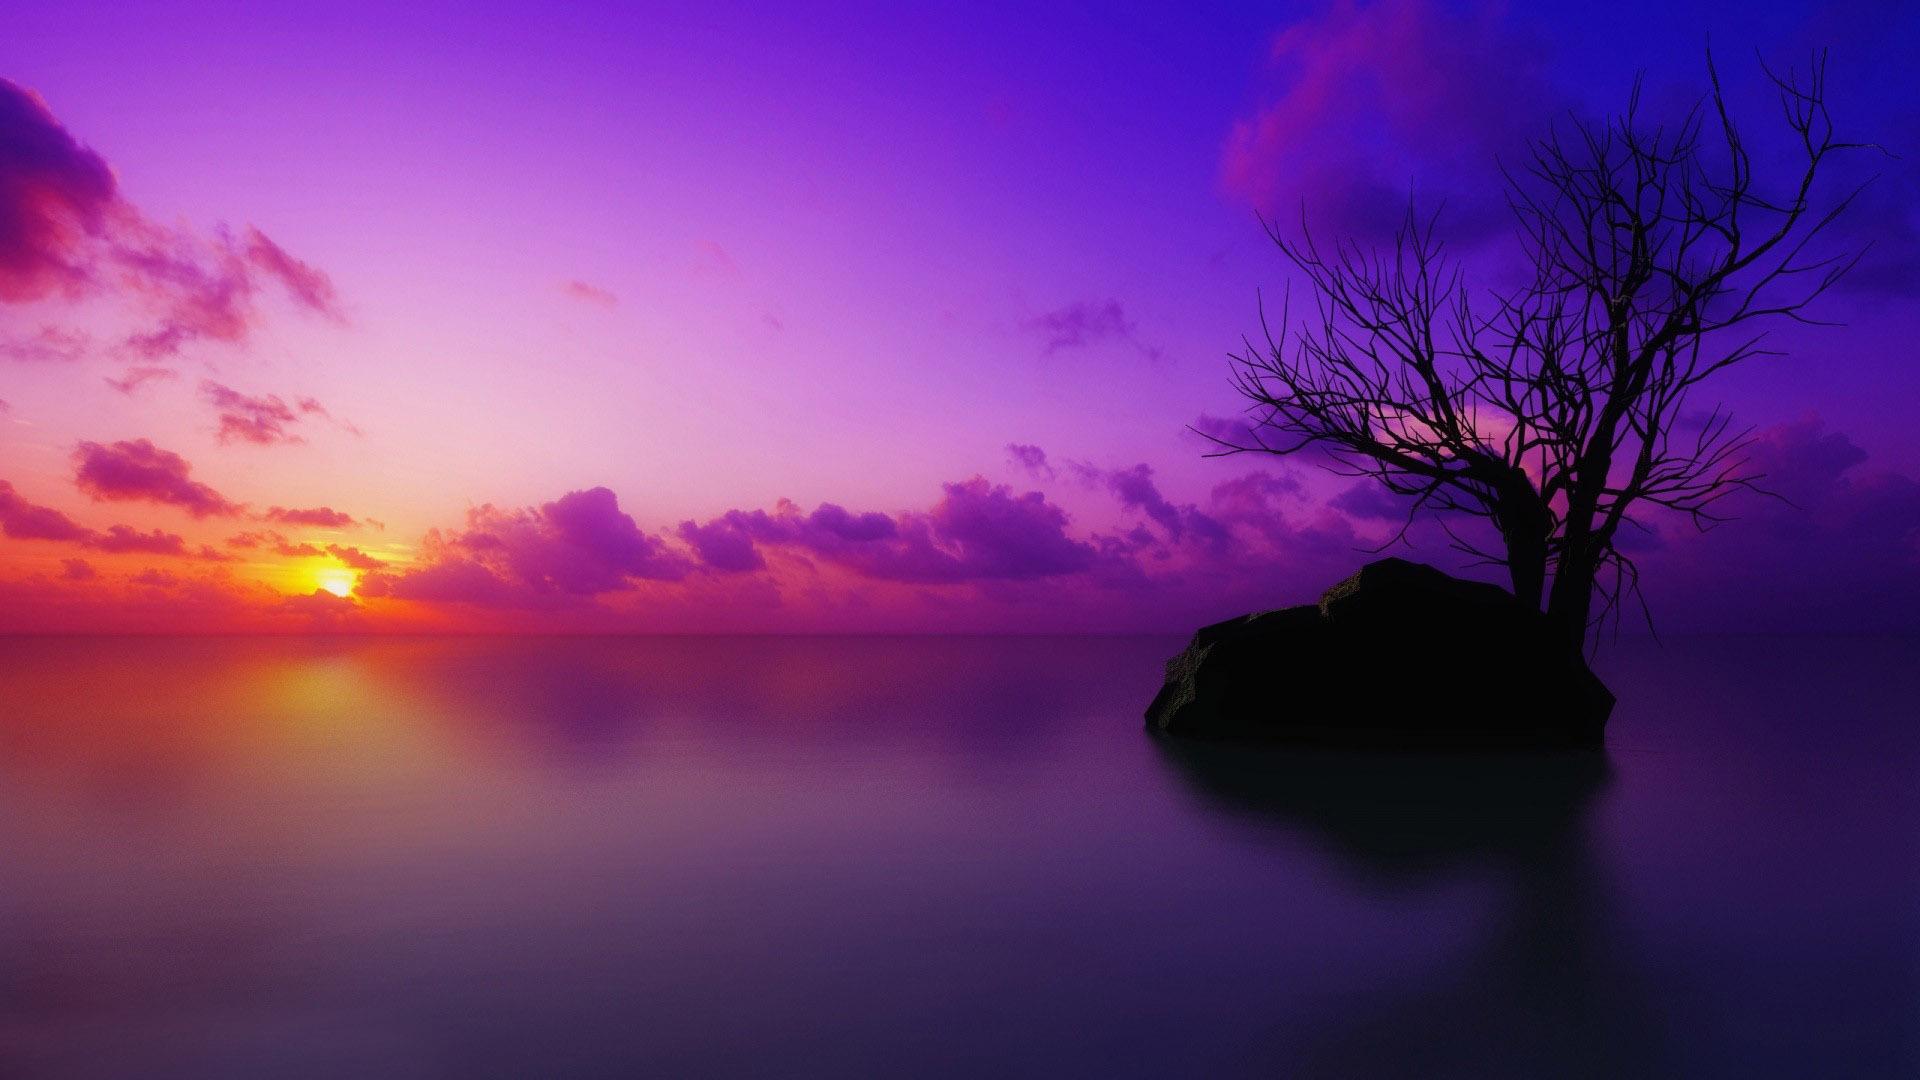 Purple Beach Wallpaper - WallpaperSafari